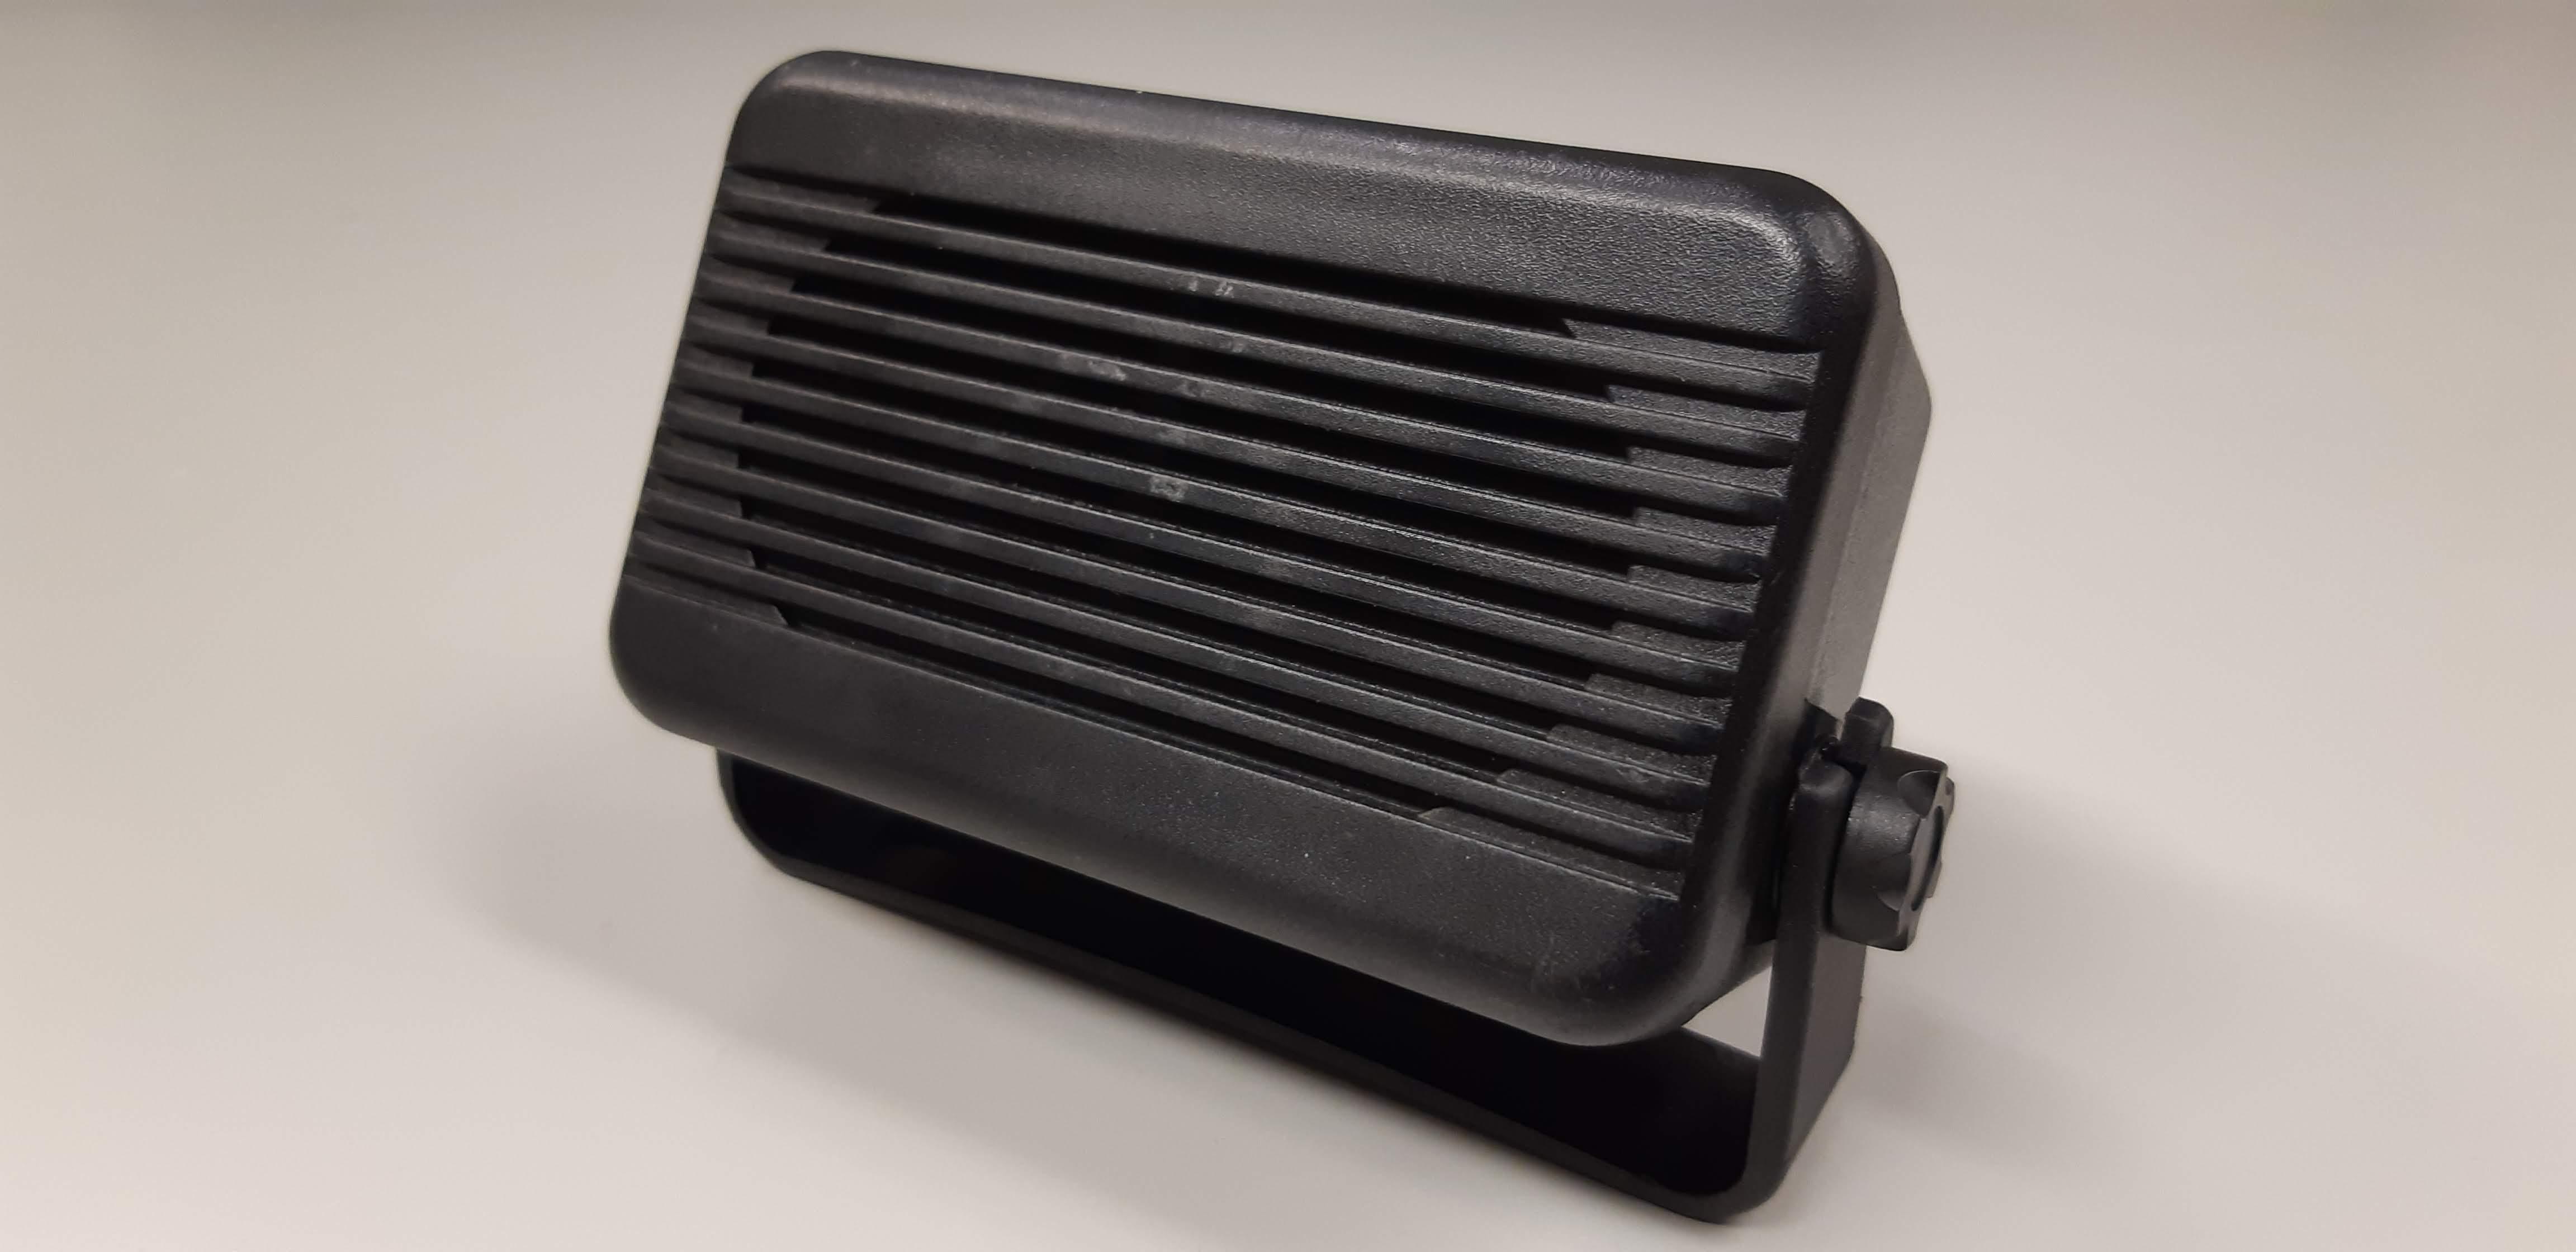 HFS-10 Loudspeaker for TMR880i